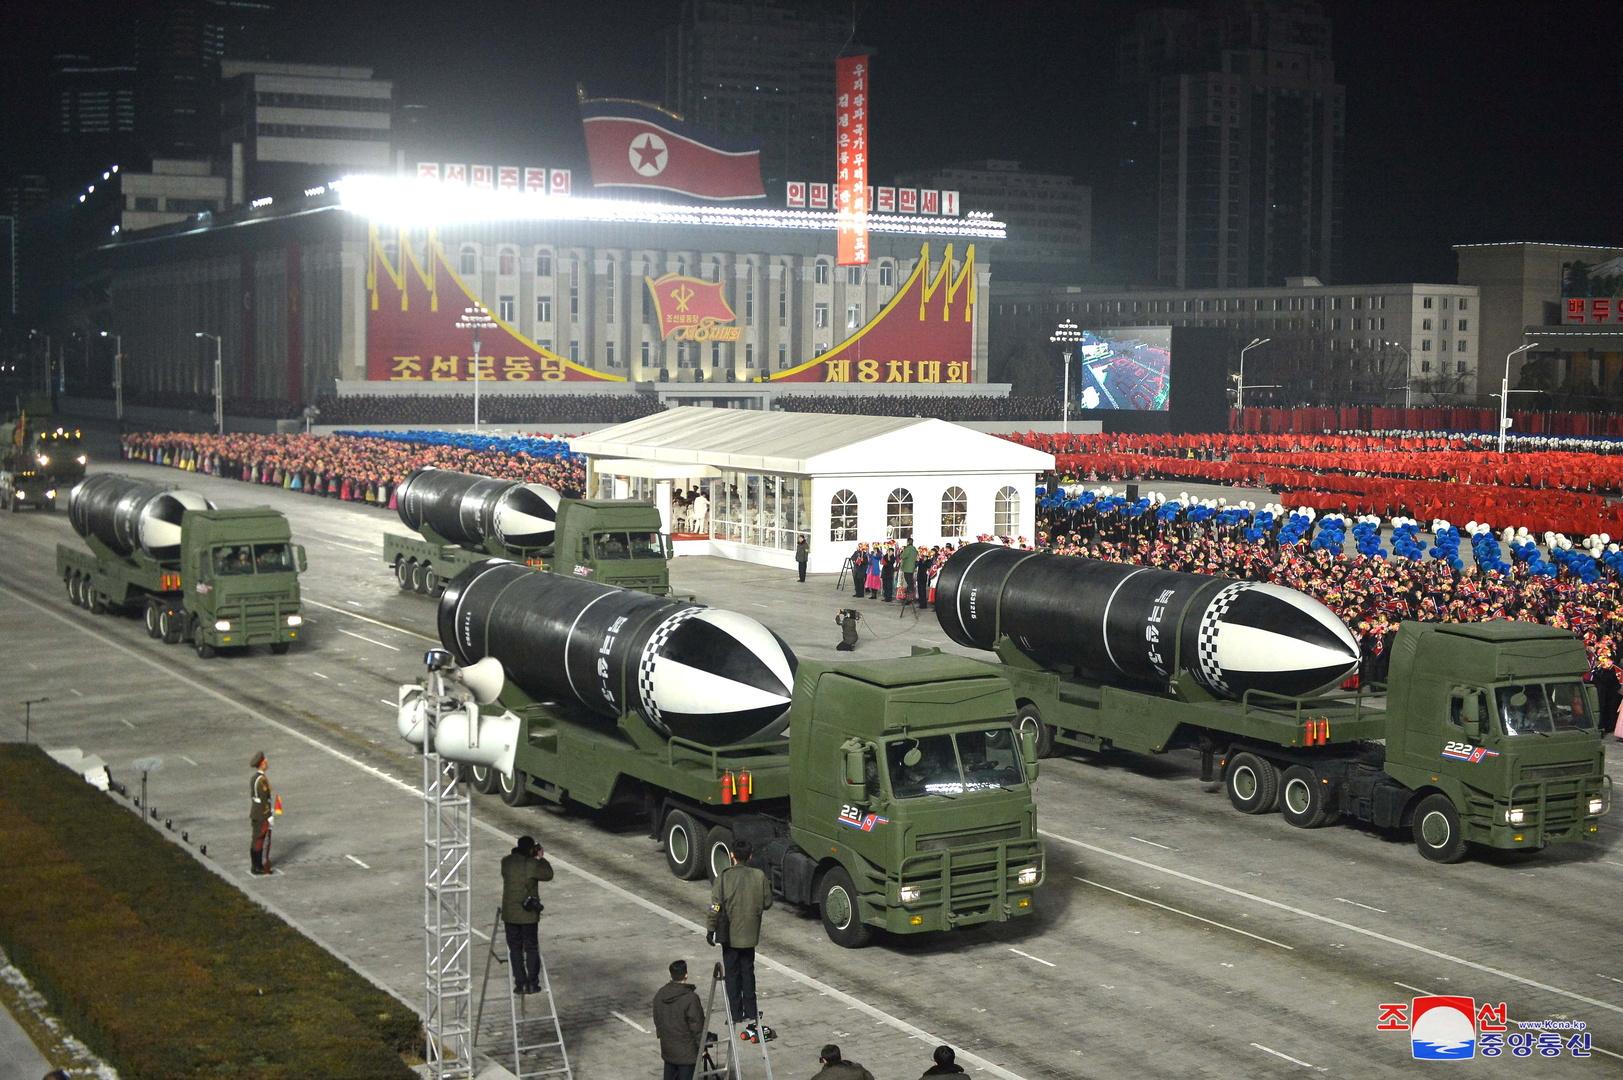 مركز أبحاث أمريكي: كوريا الشمالية تواصل العمل على بارجة اختبار صاروخ غاطس